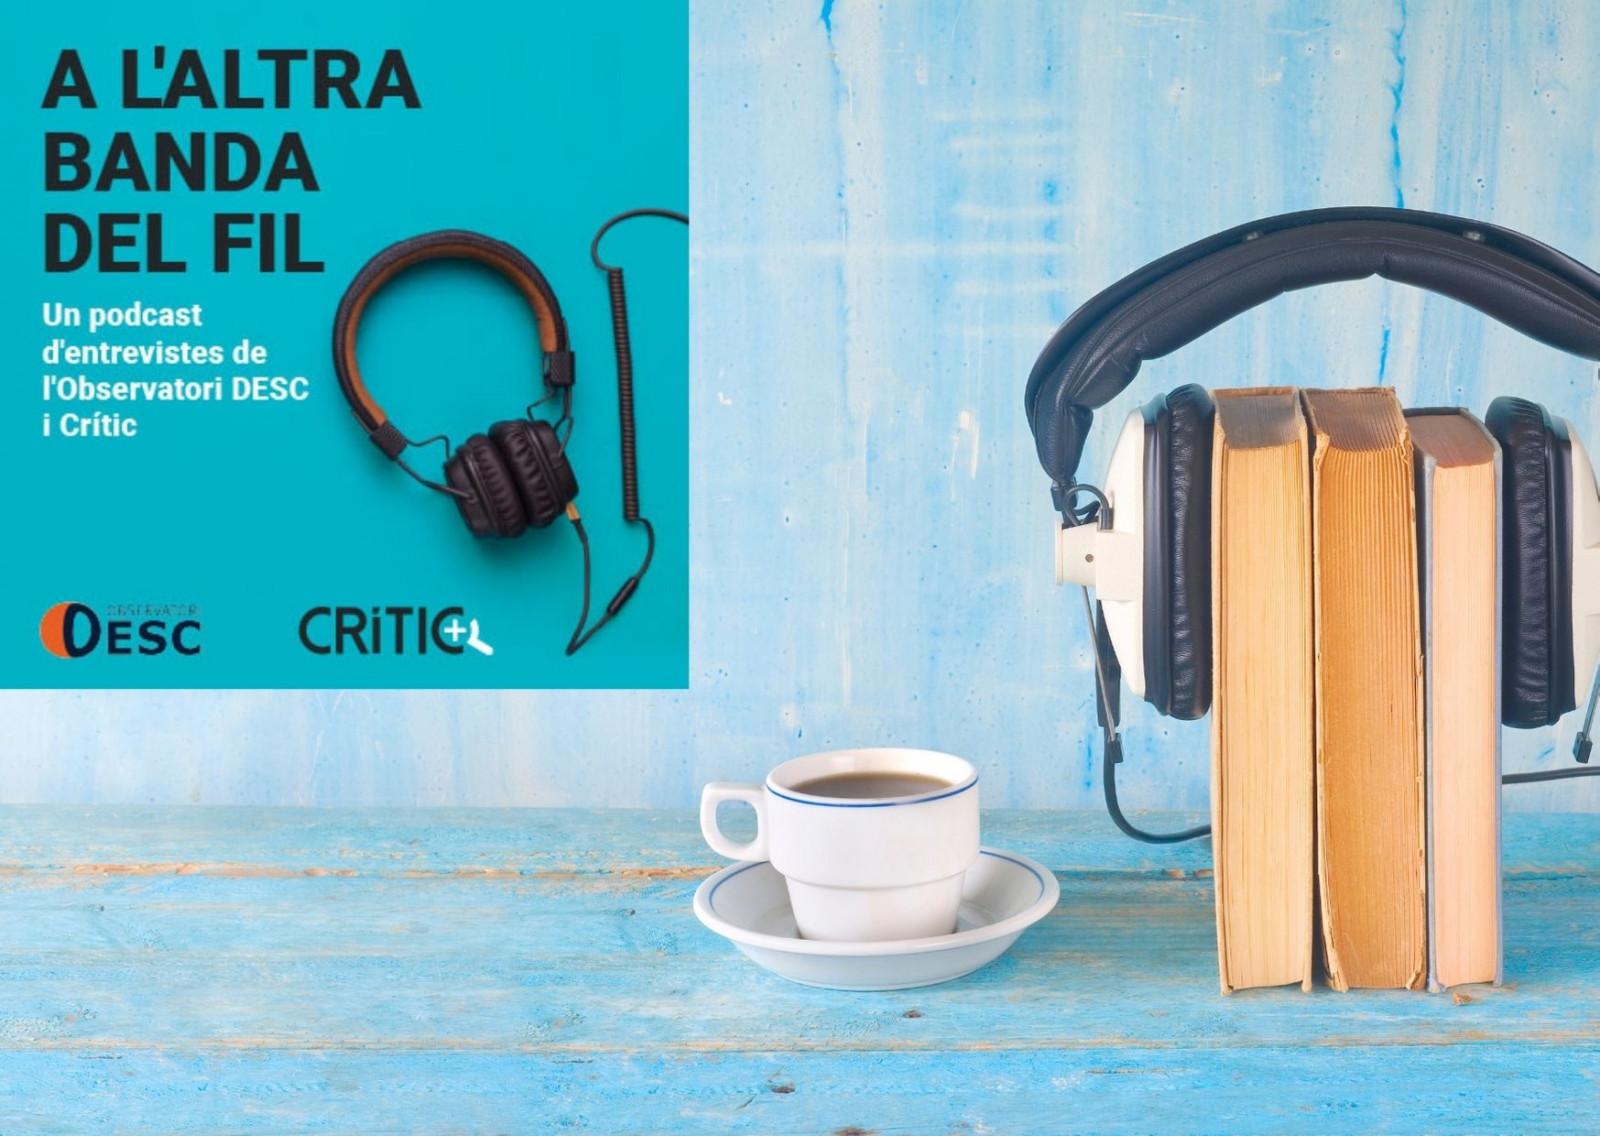 podcast_a_laltra_banda_del_fil